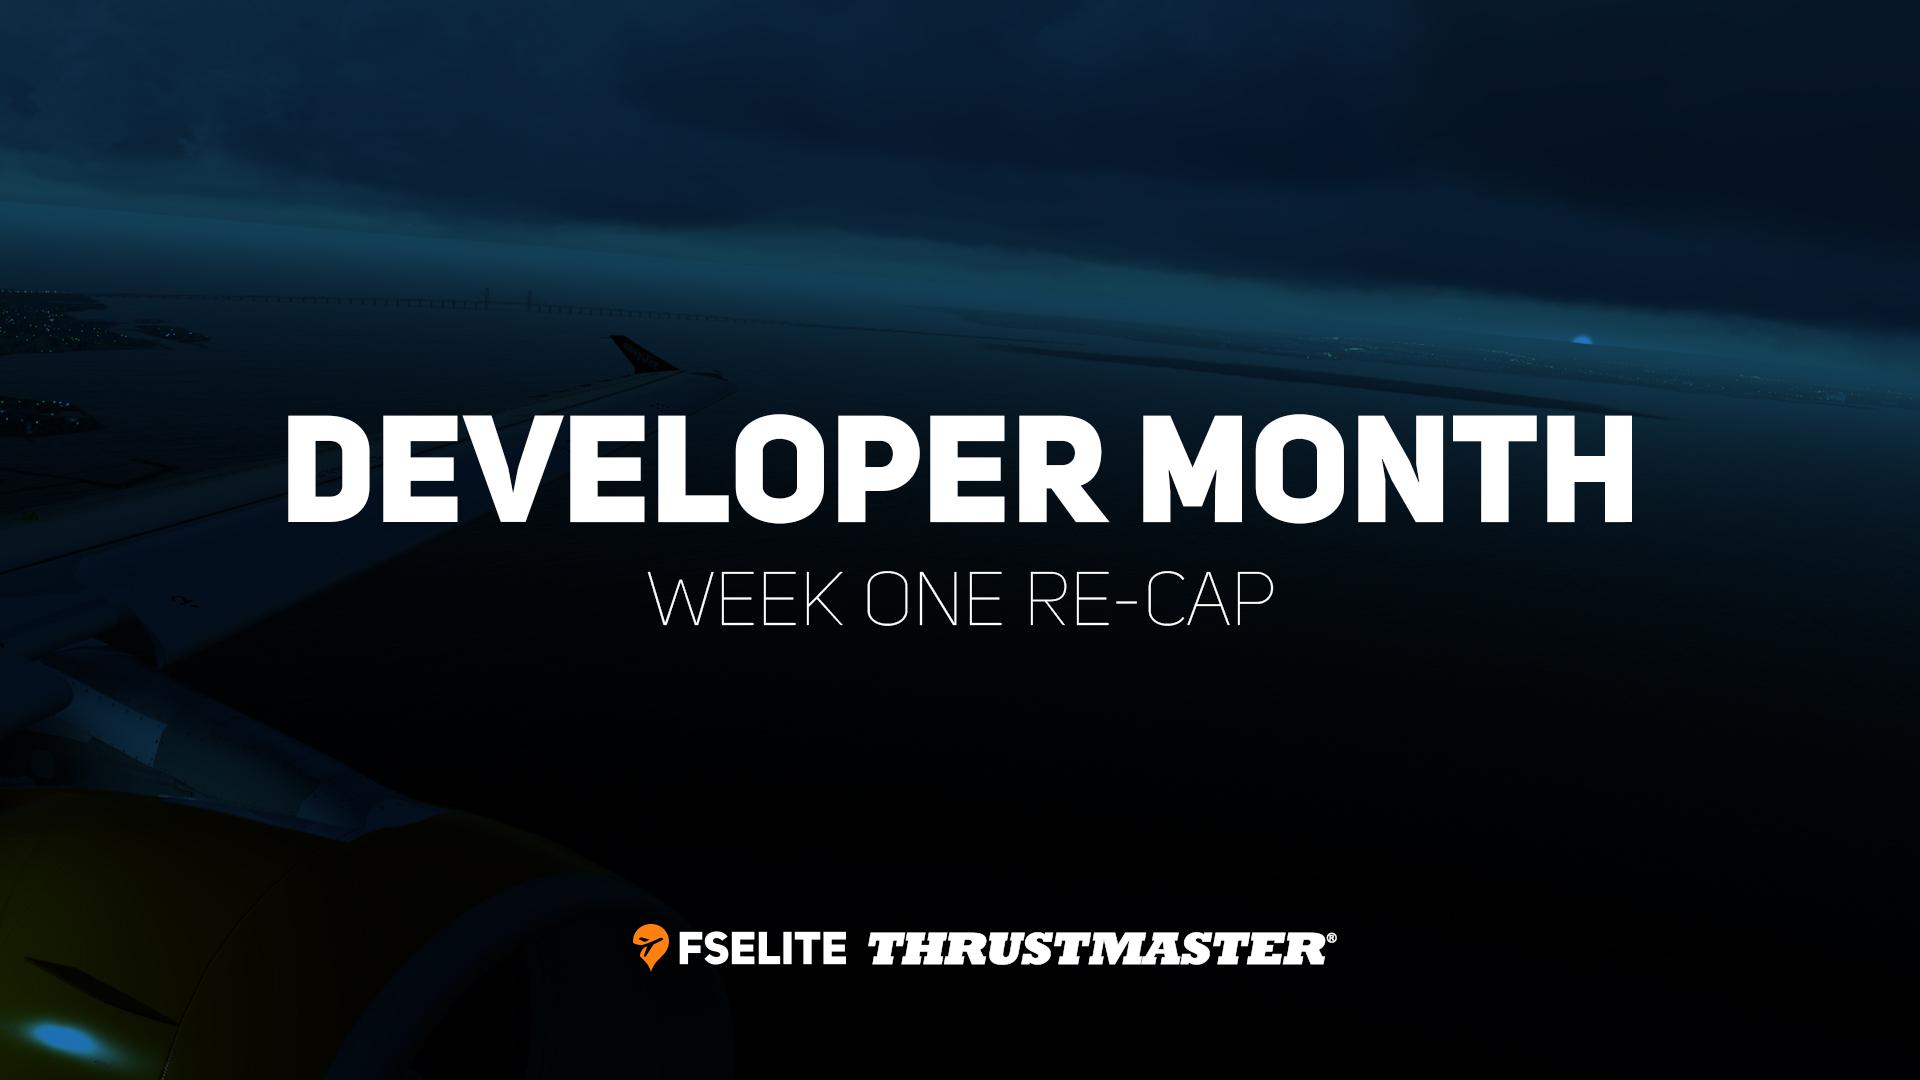 Week 1 Re Cap